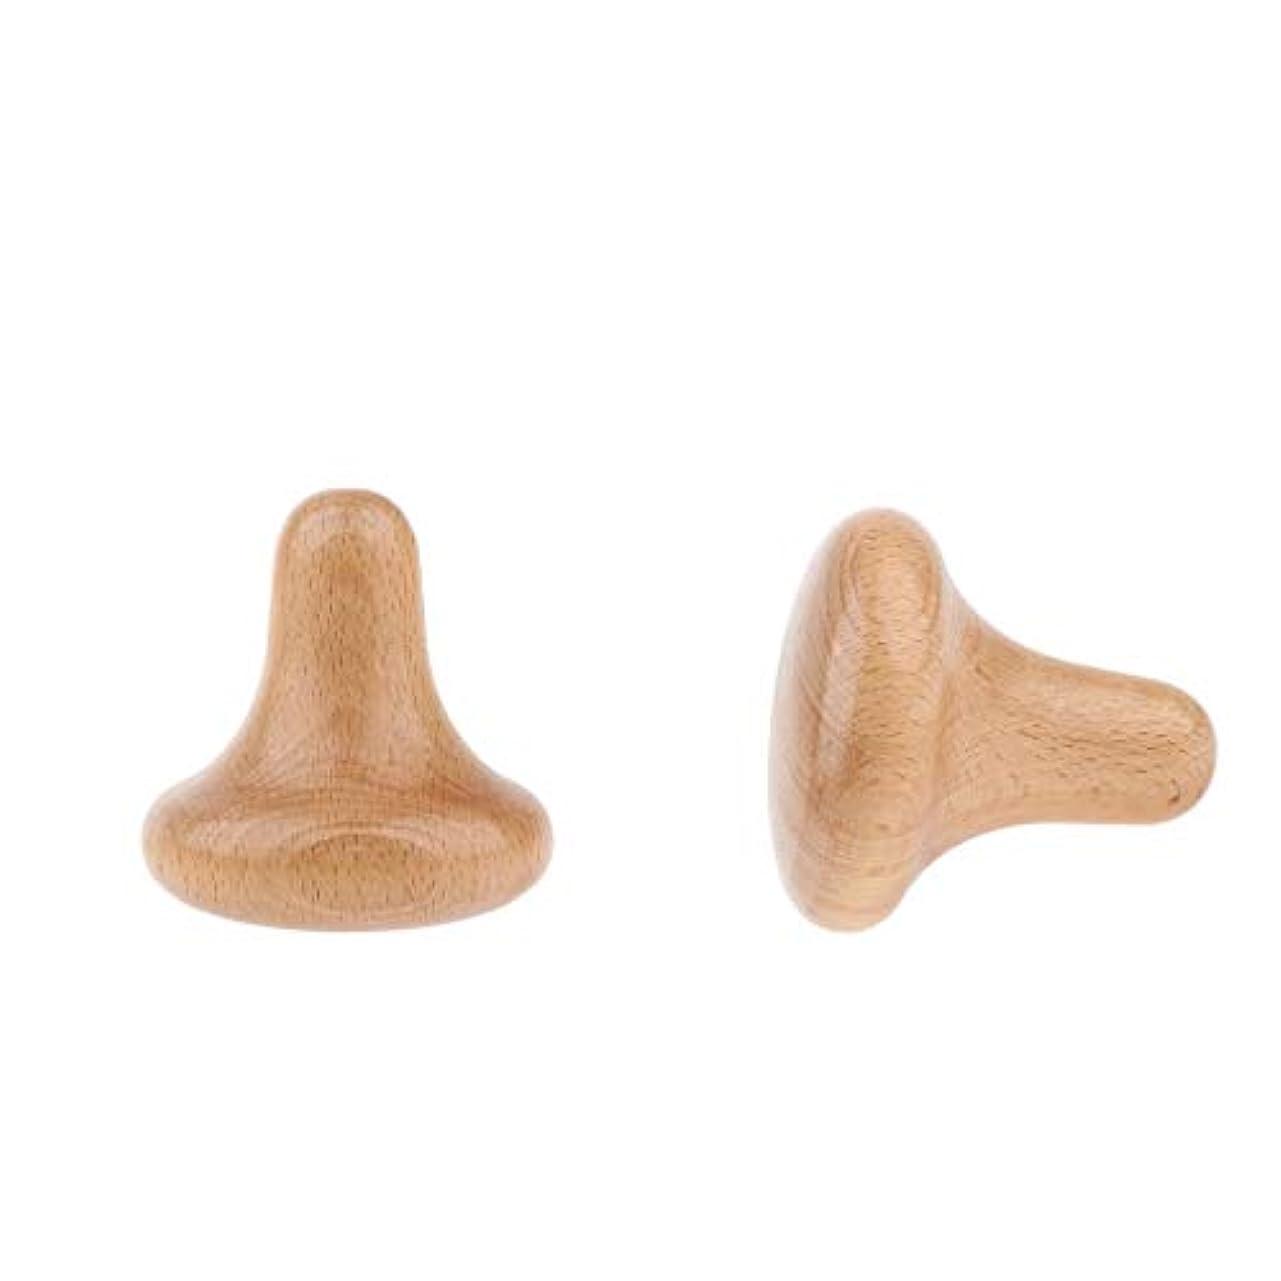 装備する不倫寛解sharprepublic ボディマッサージ 木製 トリガーポイント のきのこ形 痛み軽減 高齢者 年長者